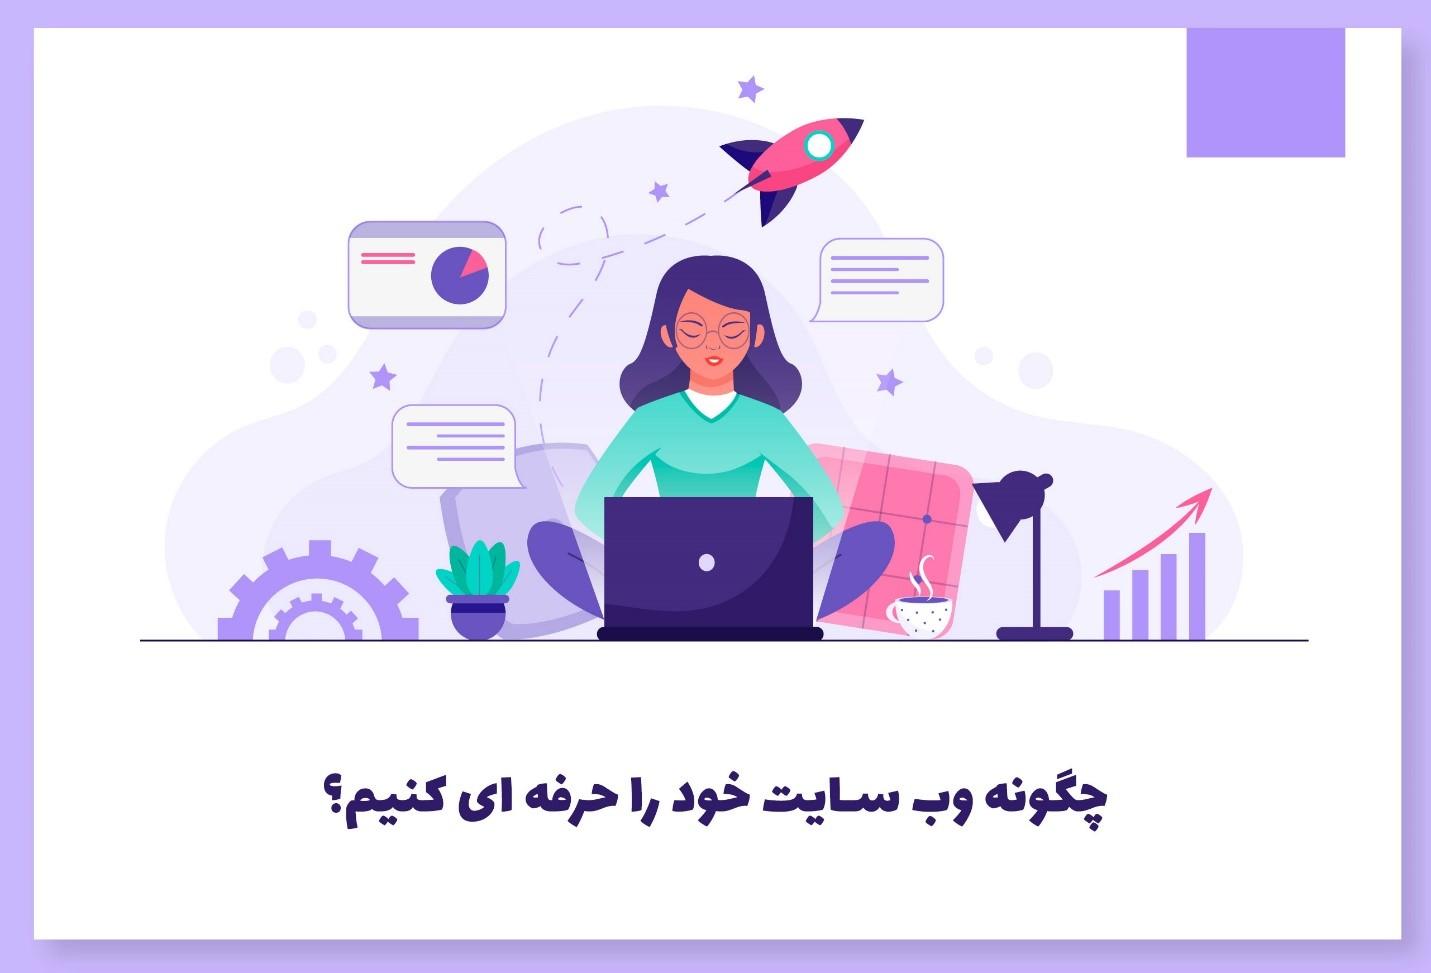 وب سایت پیشرفته و حرفه ای